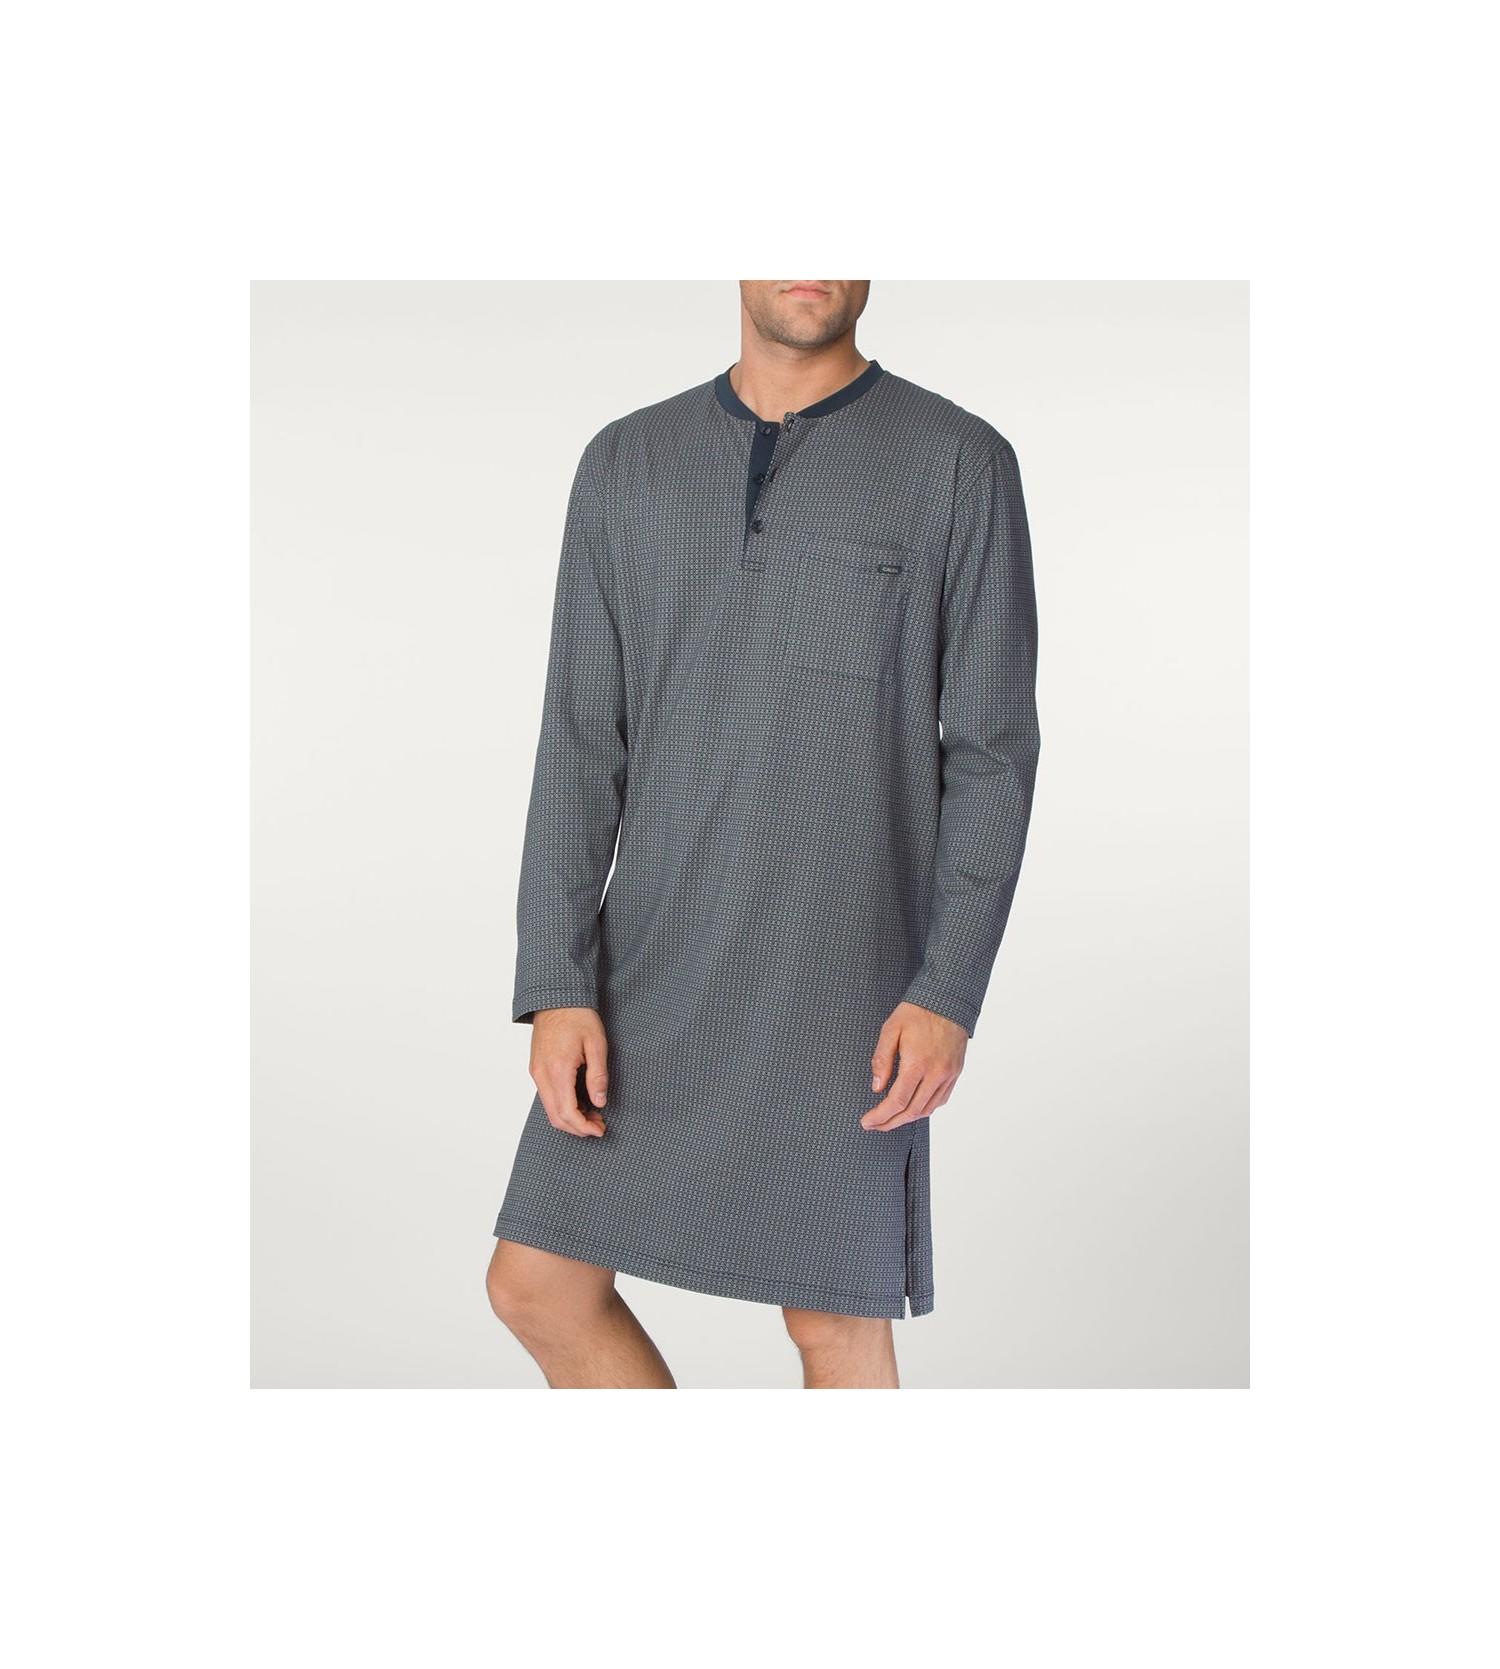 chemise de nuit bill pour homme 808 onyx lingerie sipp. Black Bedroom Furniture Sets. Home Design Ideas